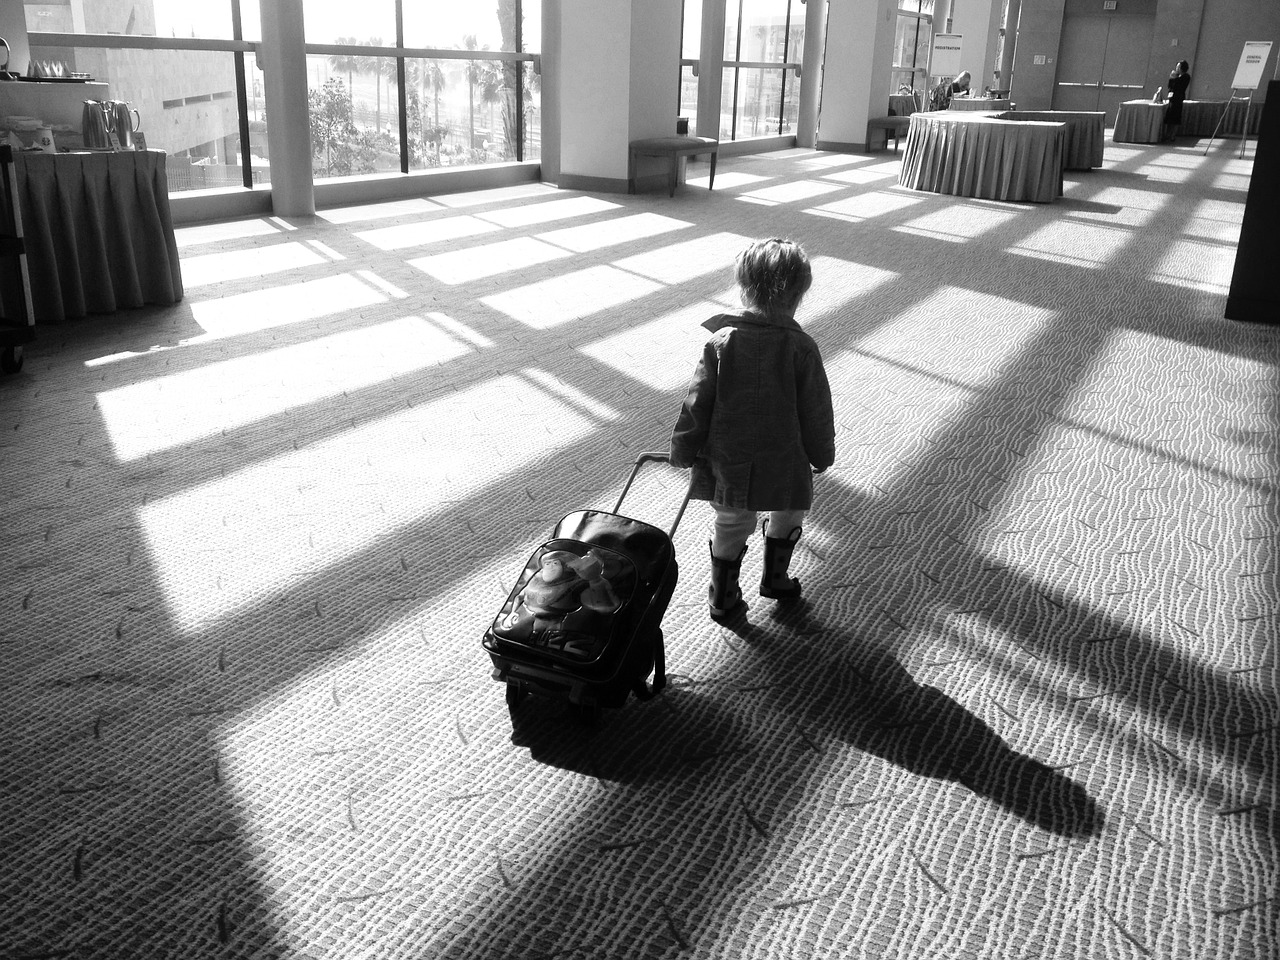 バルセロナ旅行 まずは秋田県から東京へ 荷物の準備(2018年11月30日)